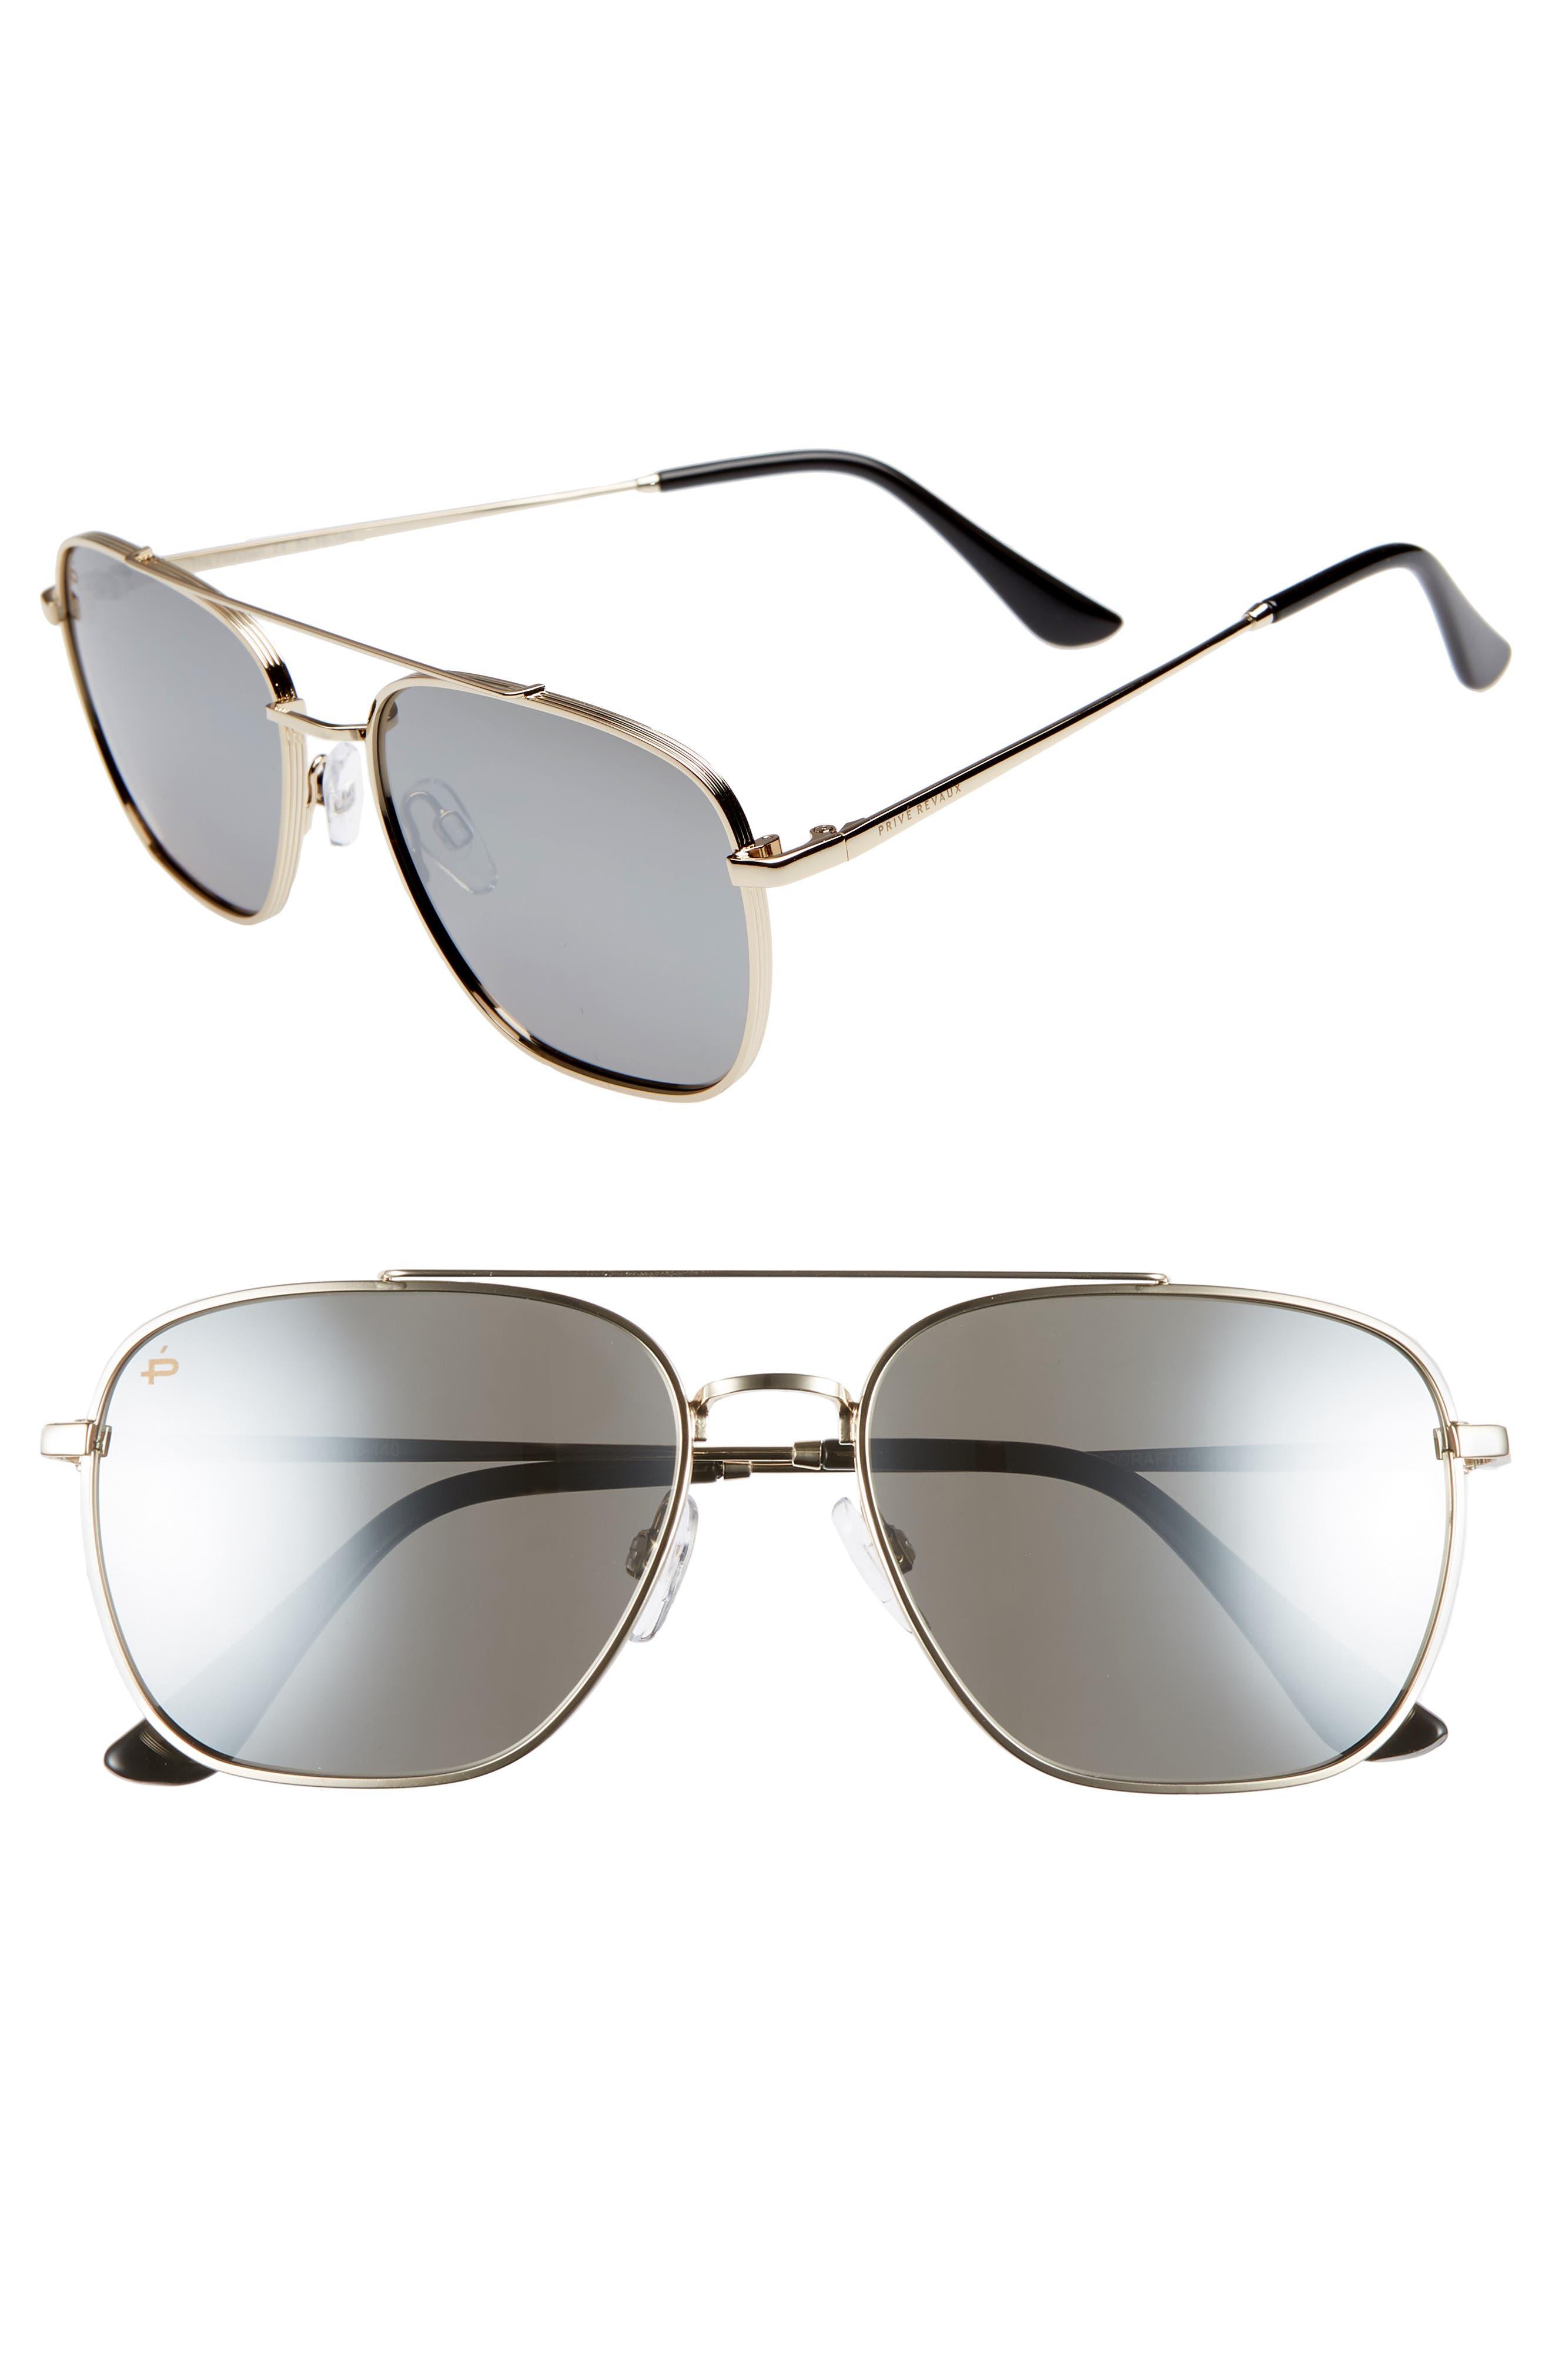 Privé Revaux The Floridian Polarized 57mm Sunglasses,                         Main,                         color,